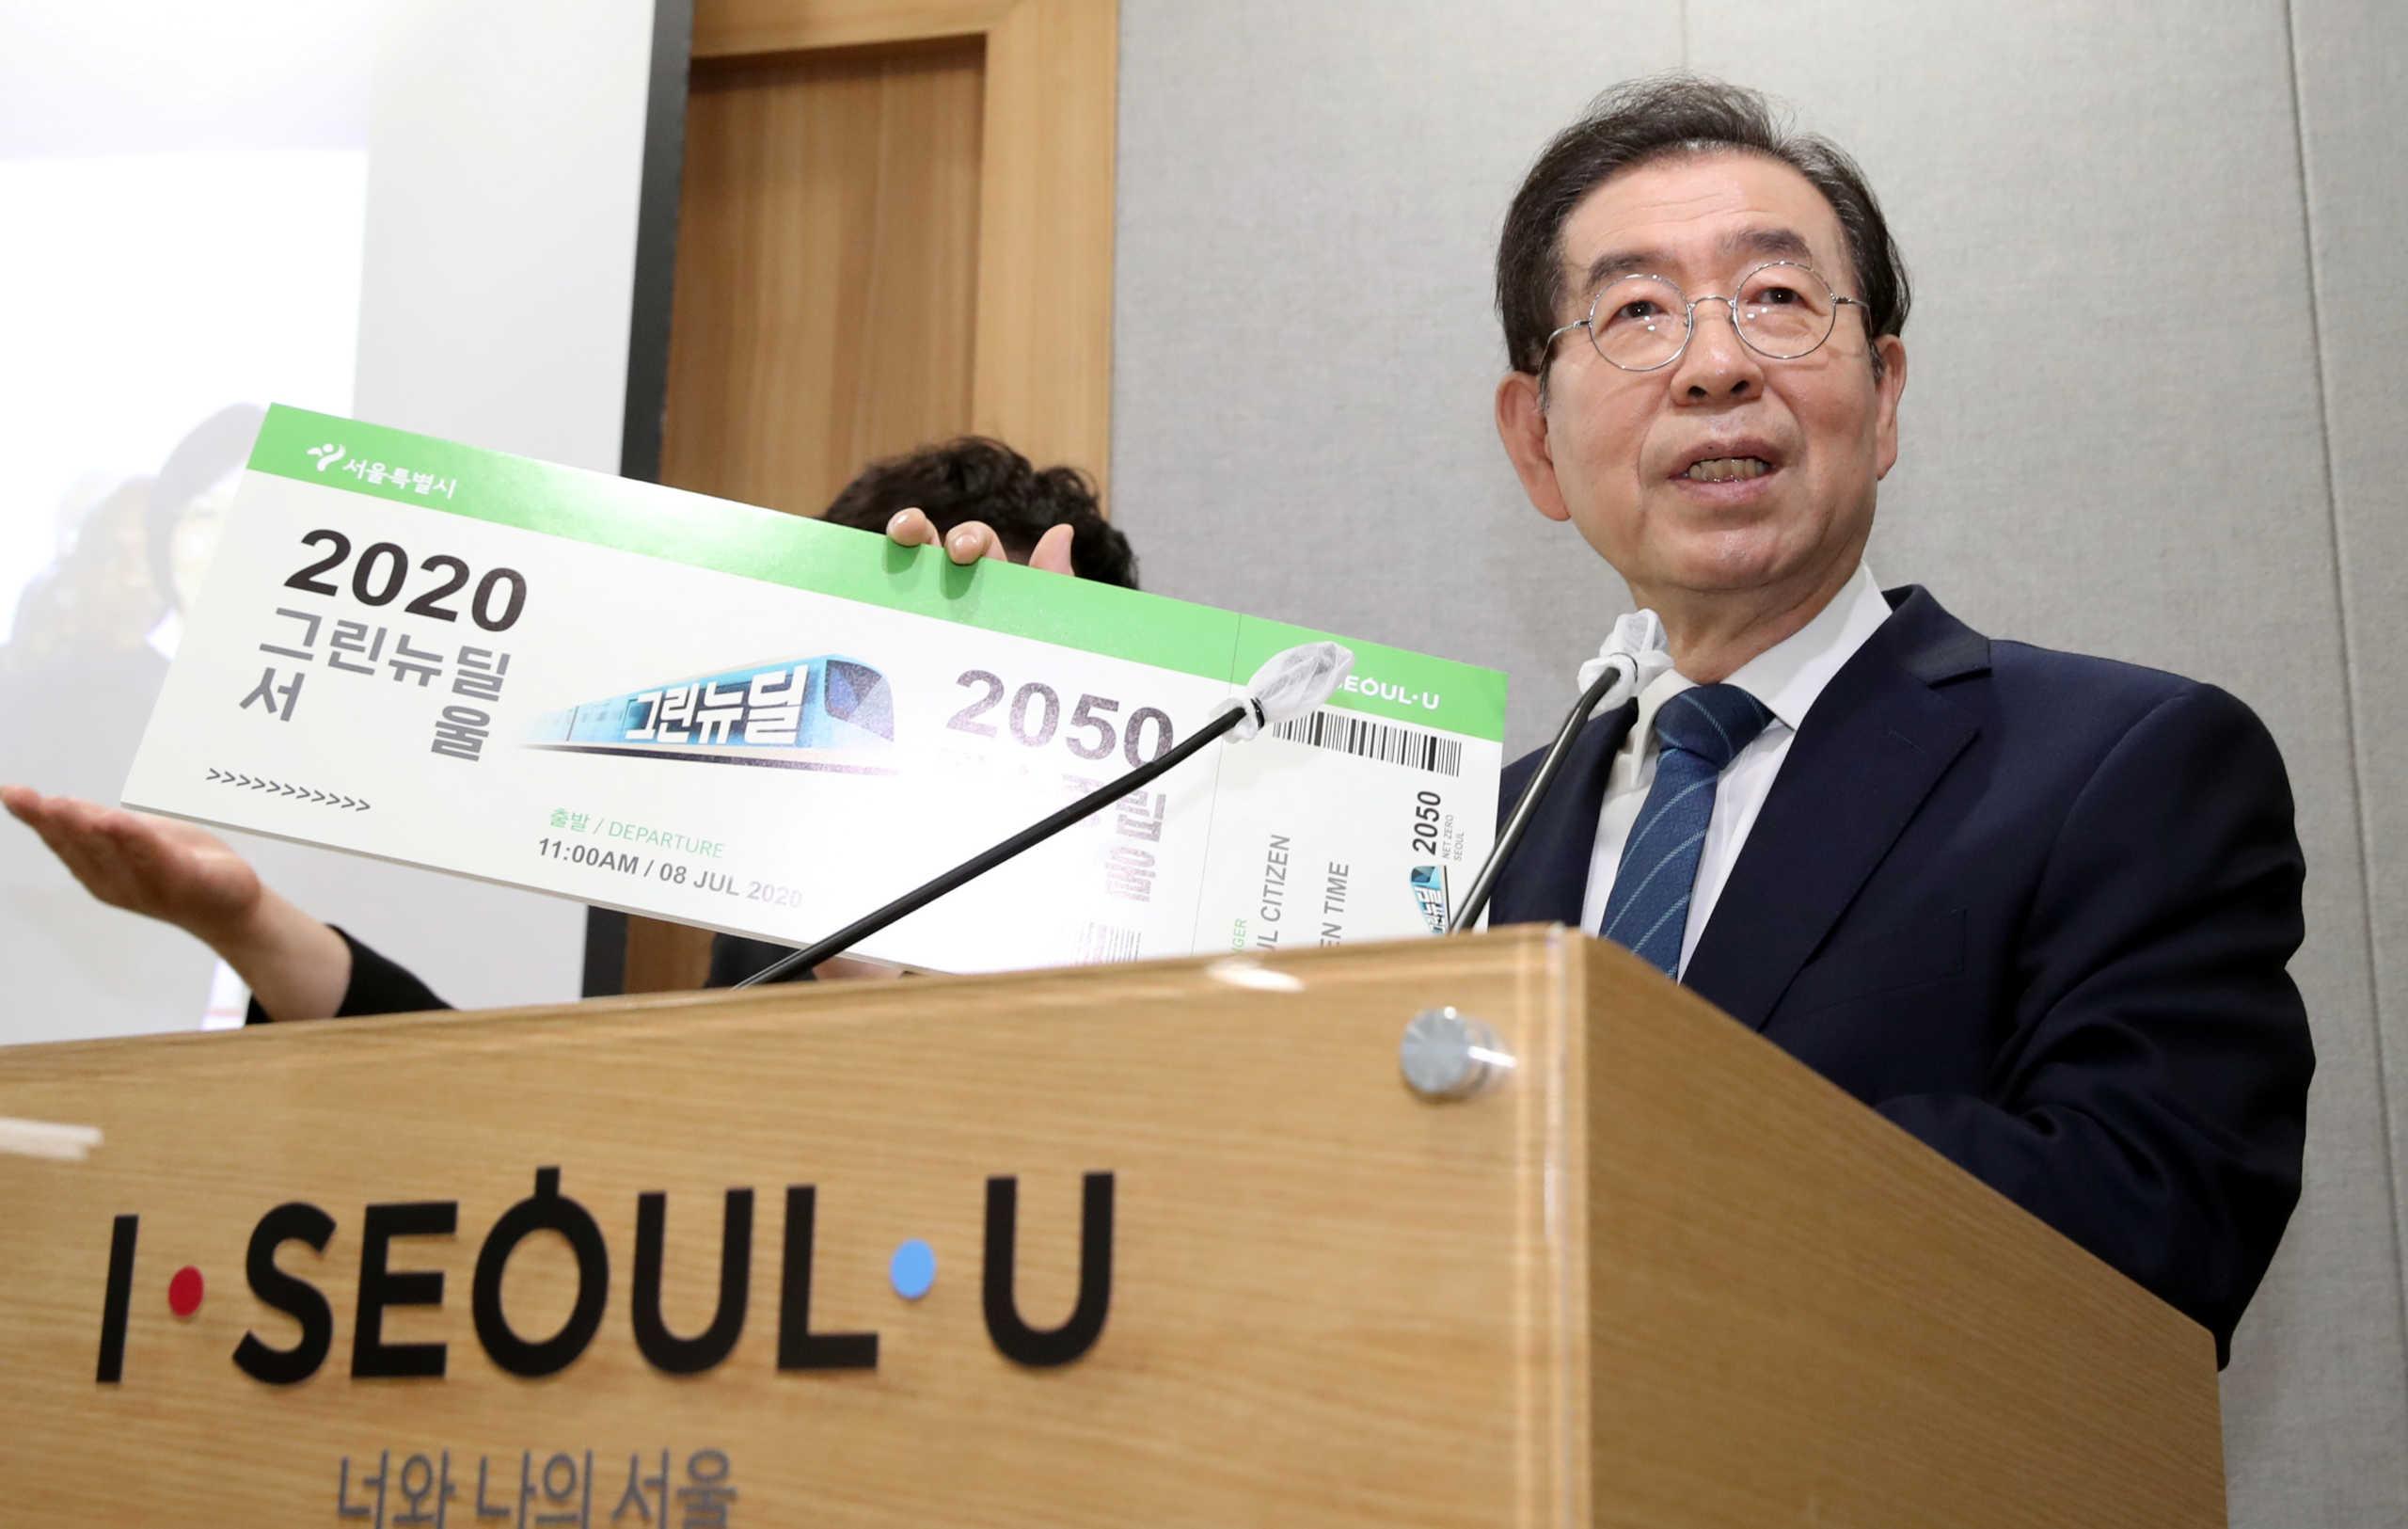 Νότια Κορέα: Συναγερμός στη Σεούλ – Αγνοείται ο δήμαρχος της πόλης